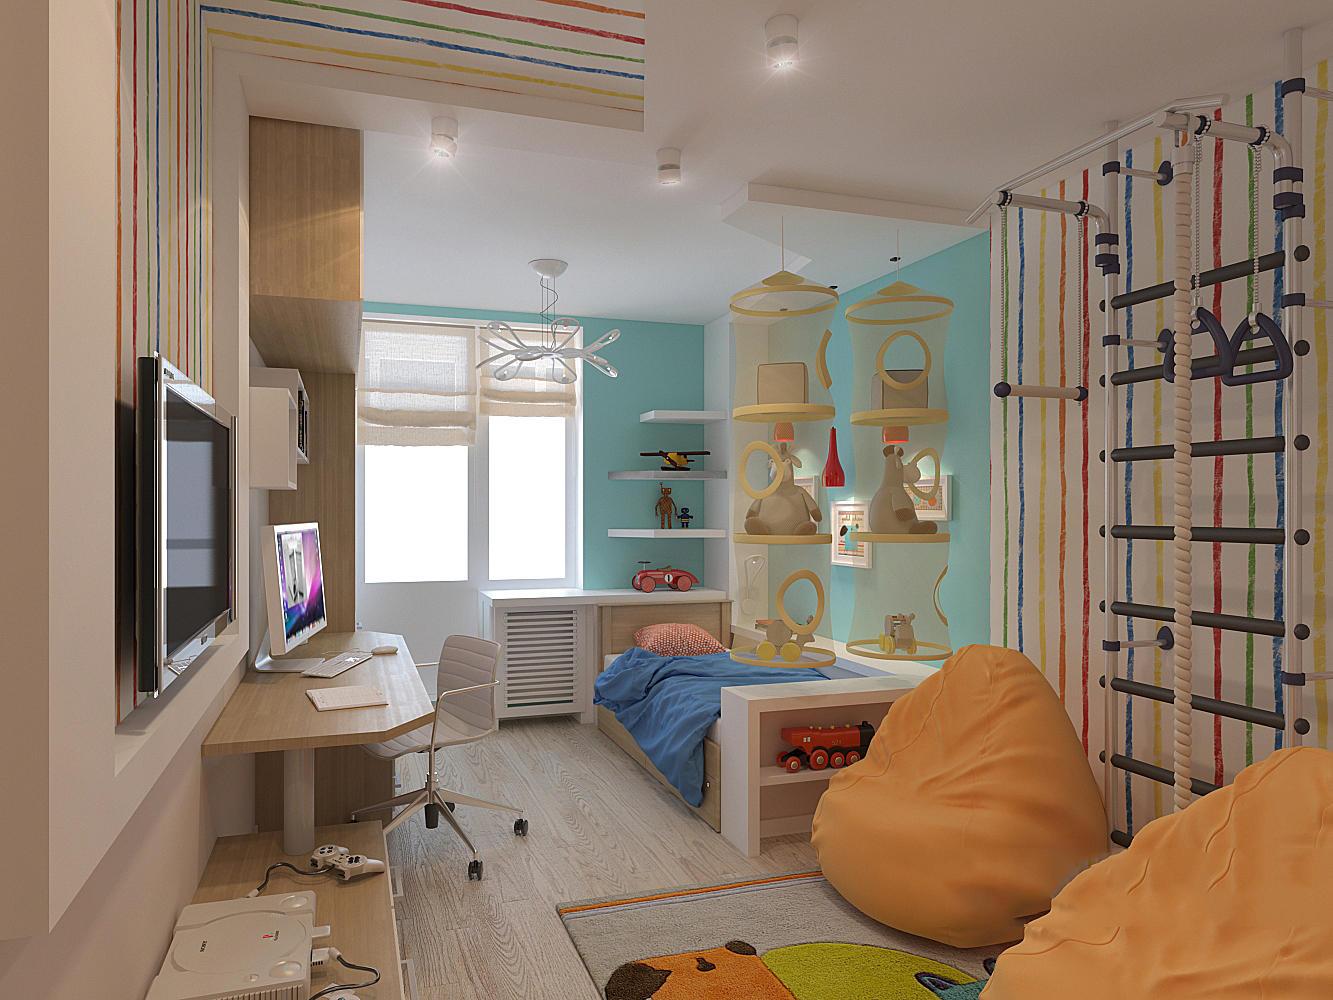 Продумывая интерьер детской комнаты на 12 кв. метров, нужно брать в расчет все нюансы, чтобы дети чувствовали себя там наилучшим образом